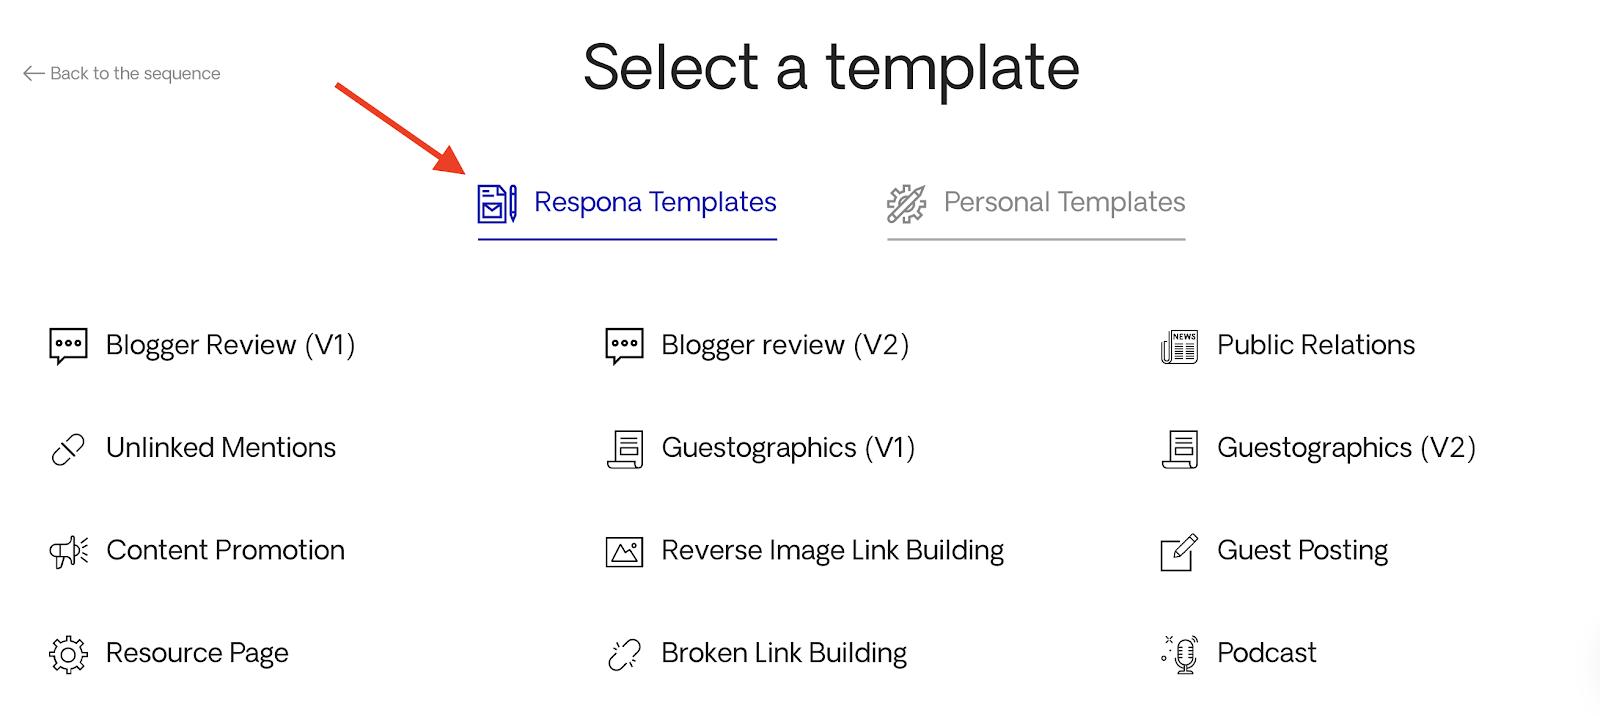 Choosing a template